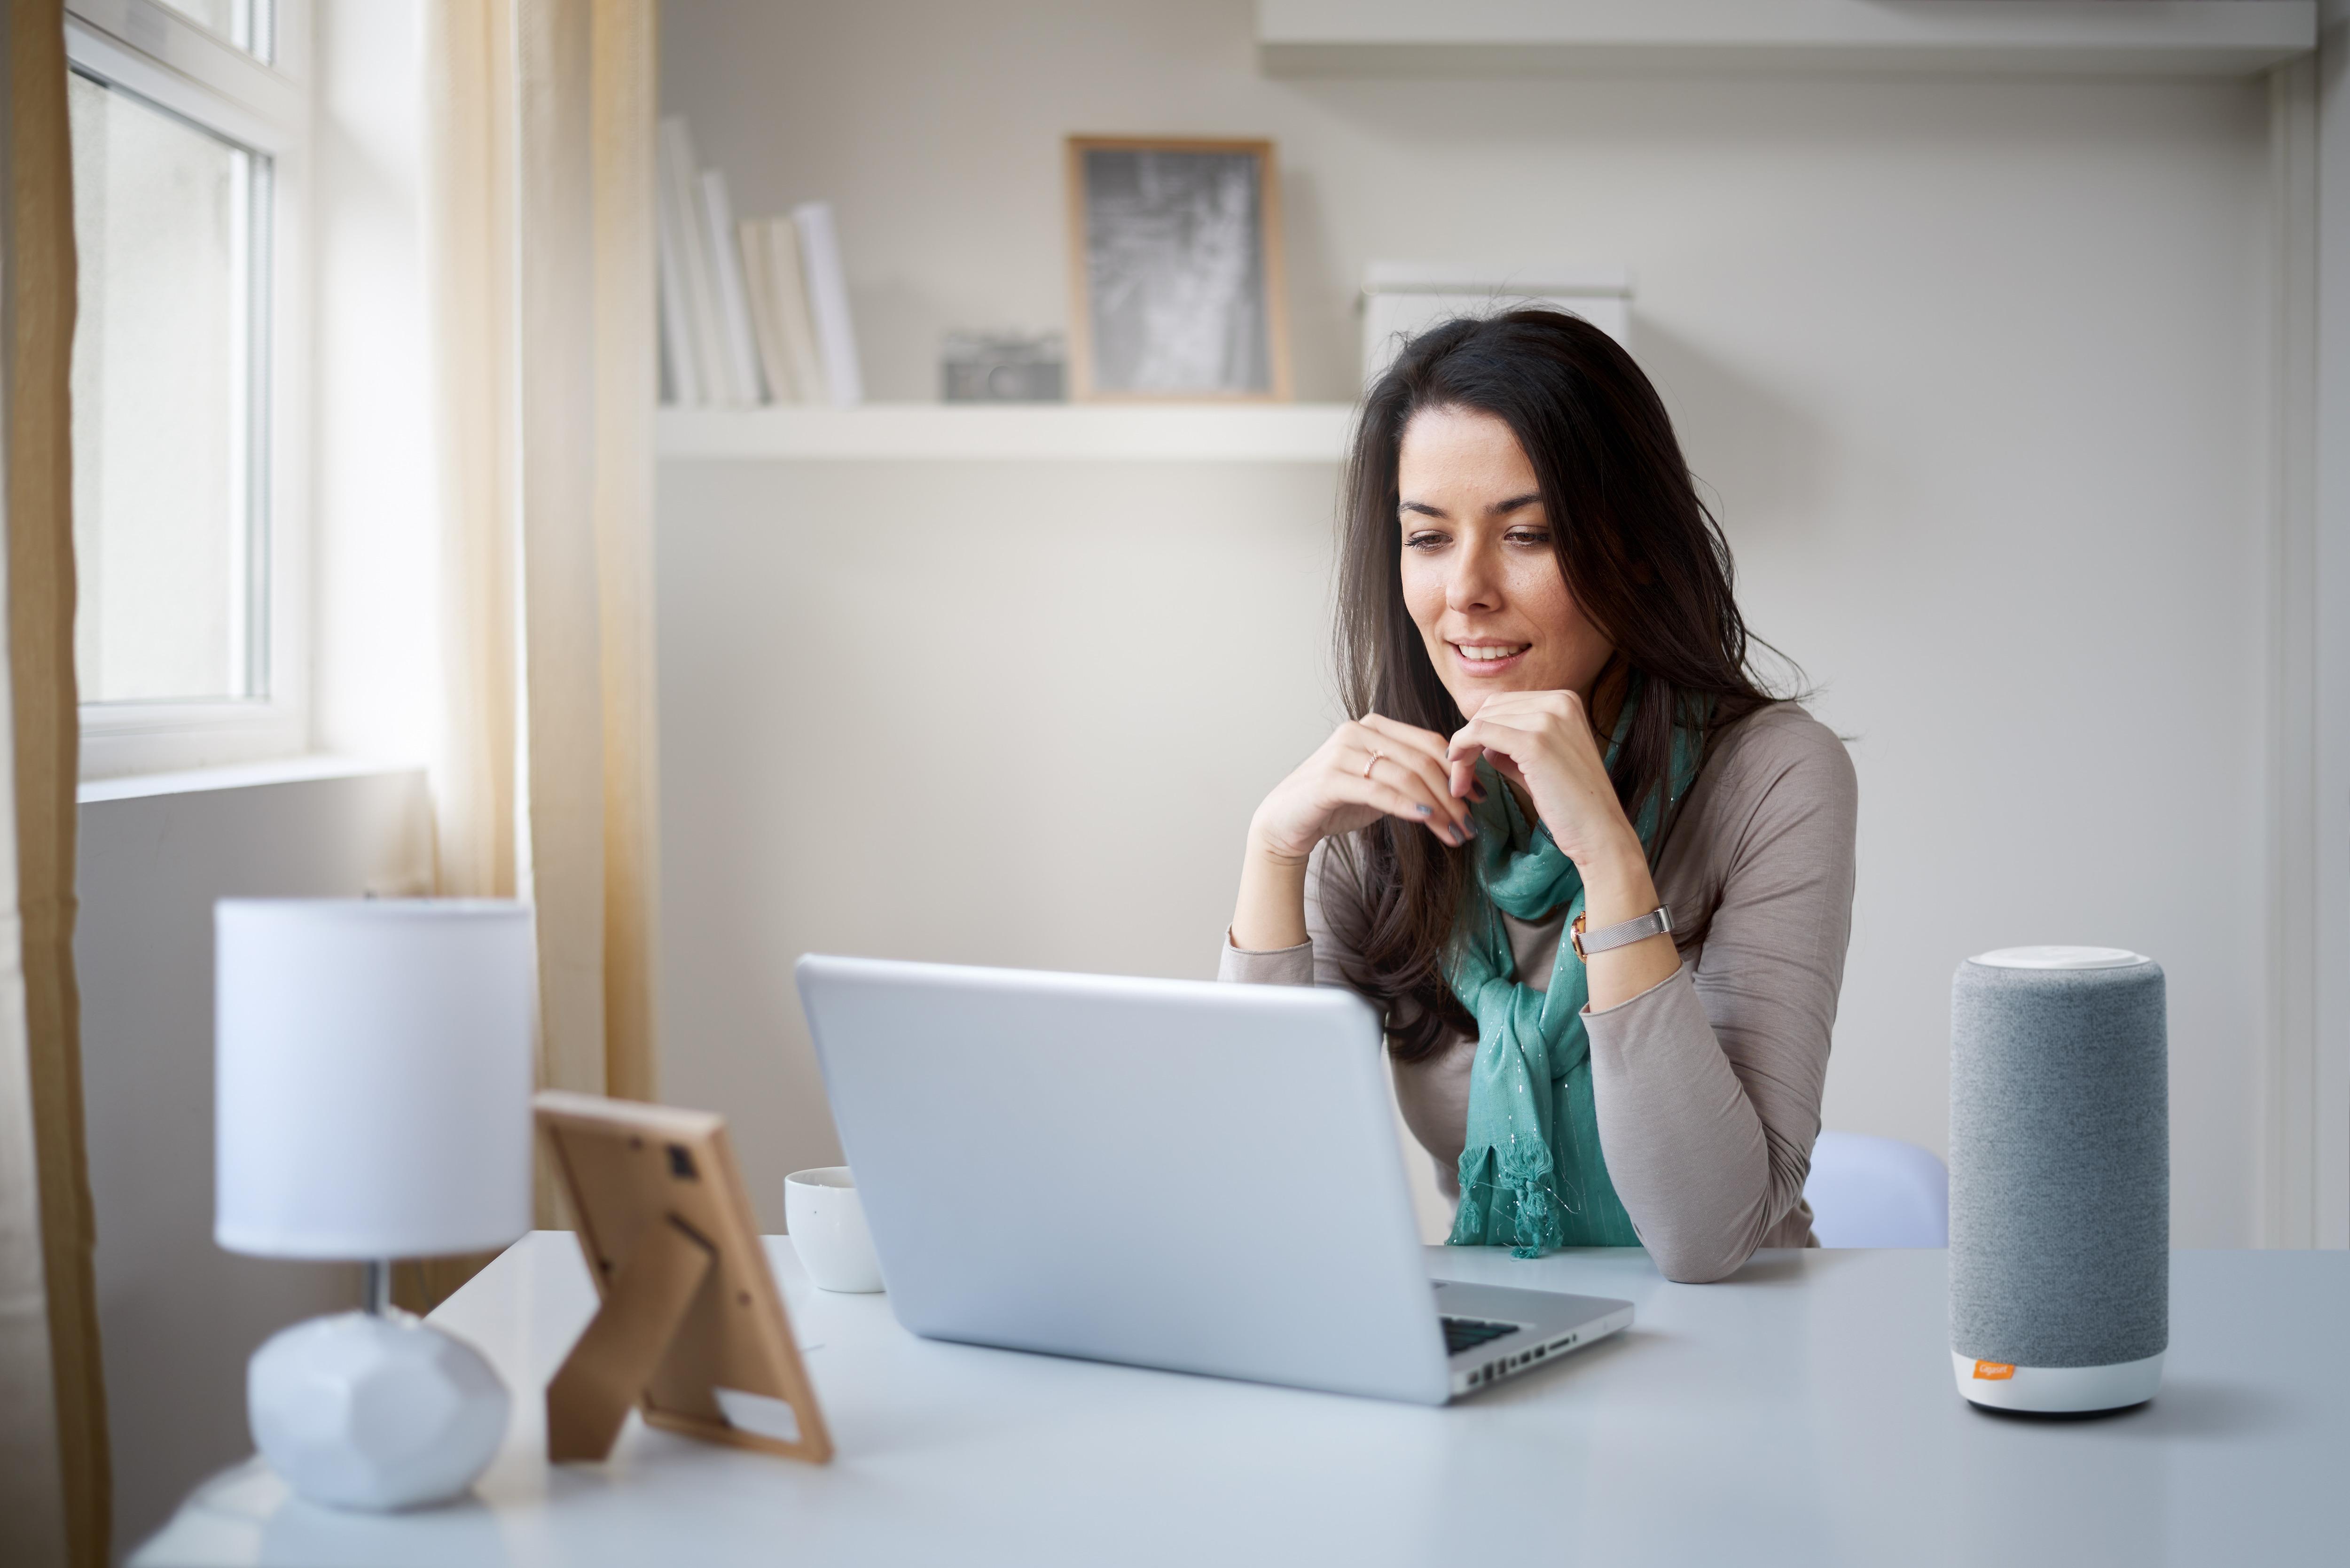 Gigaset lanza un catálogo completo de dispositivos Smart Home